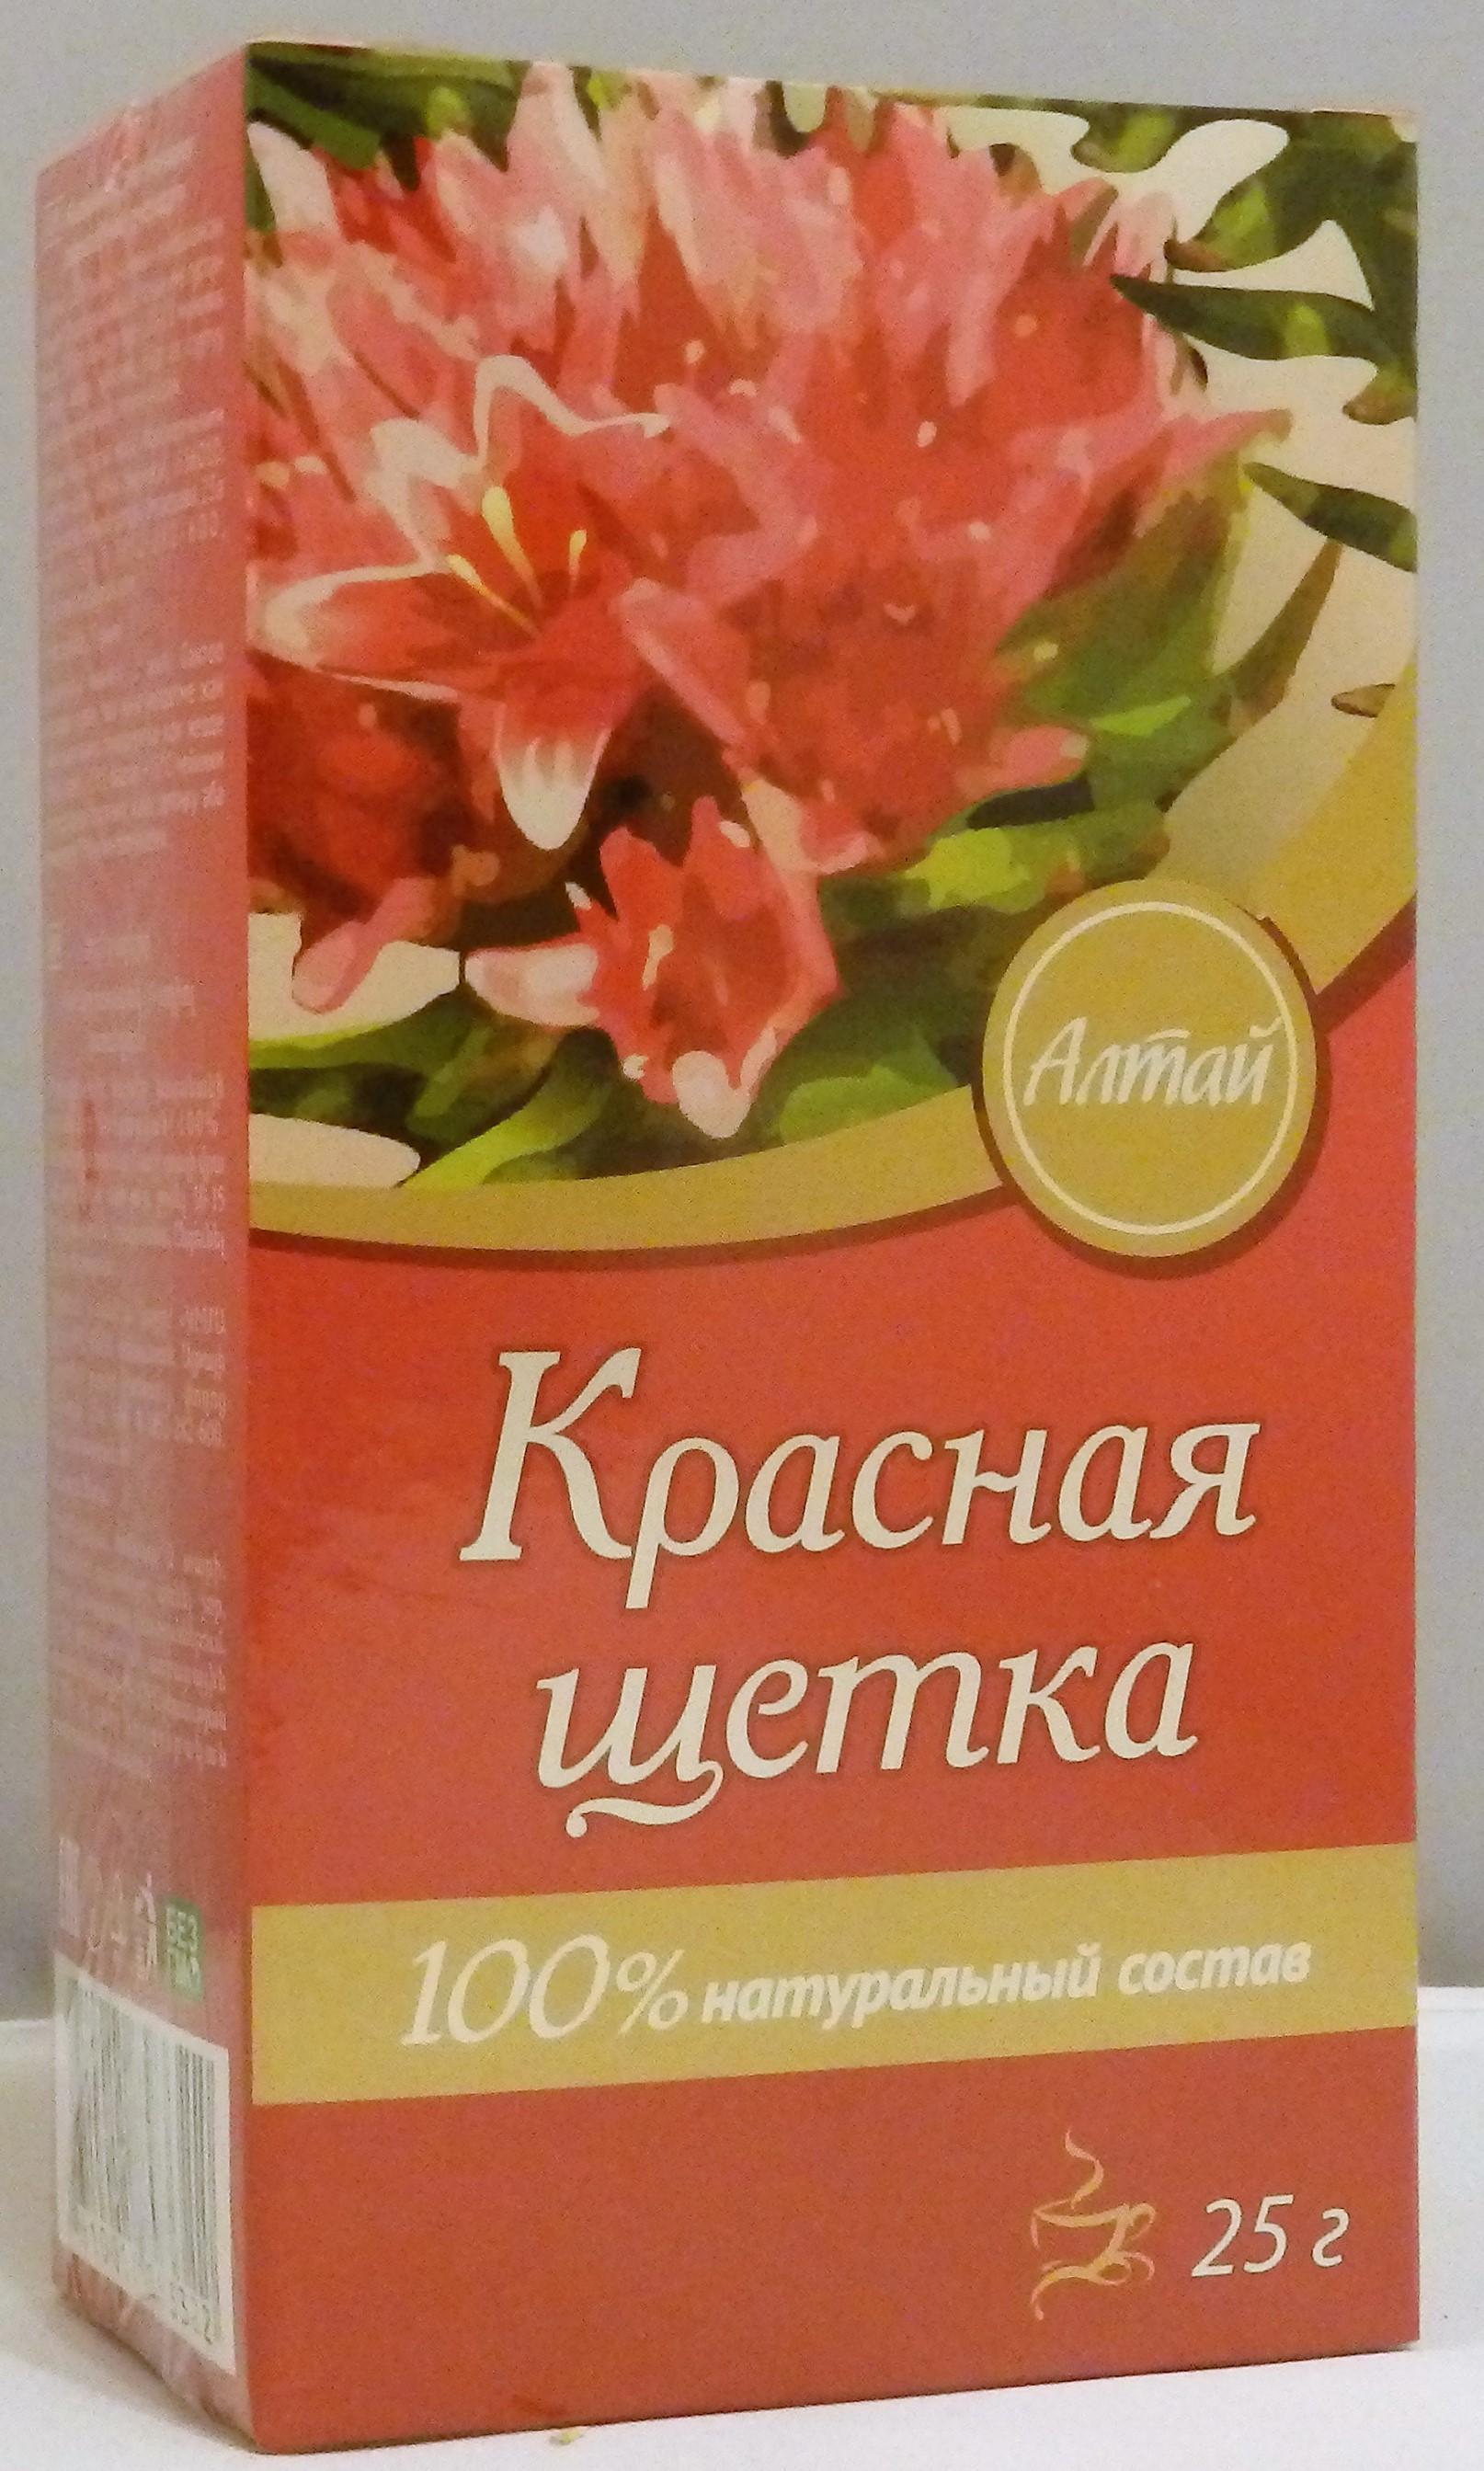 Čajový nápoj Rozchodnica Rodiola guadrefida sypaný 25g